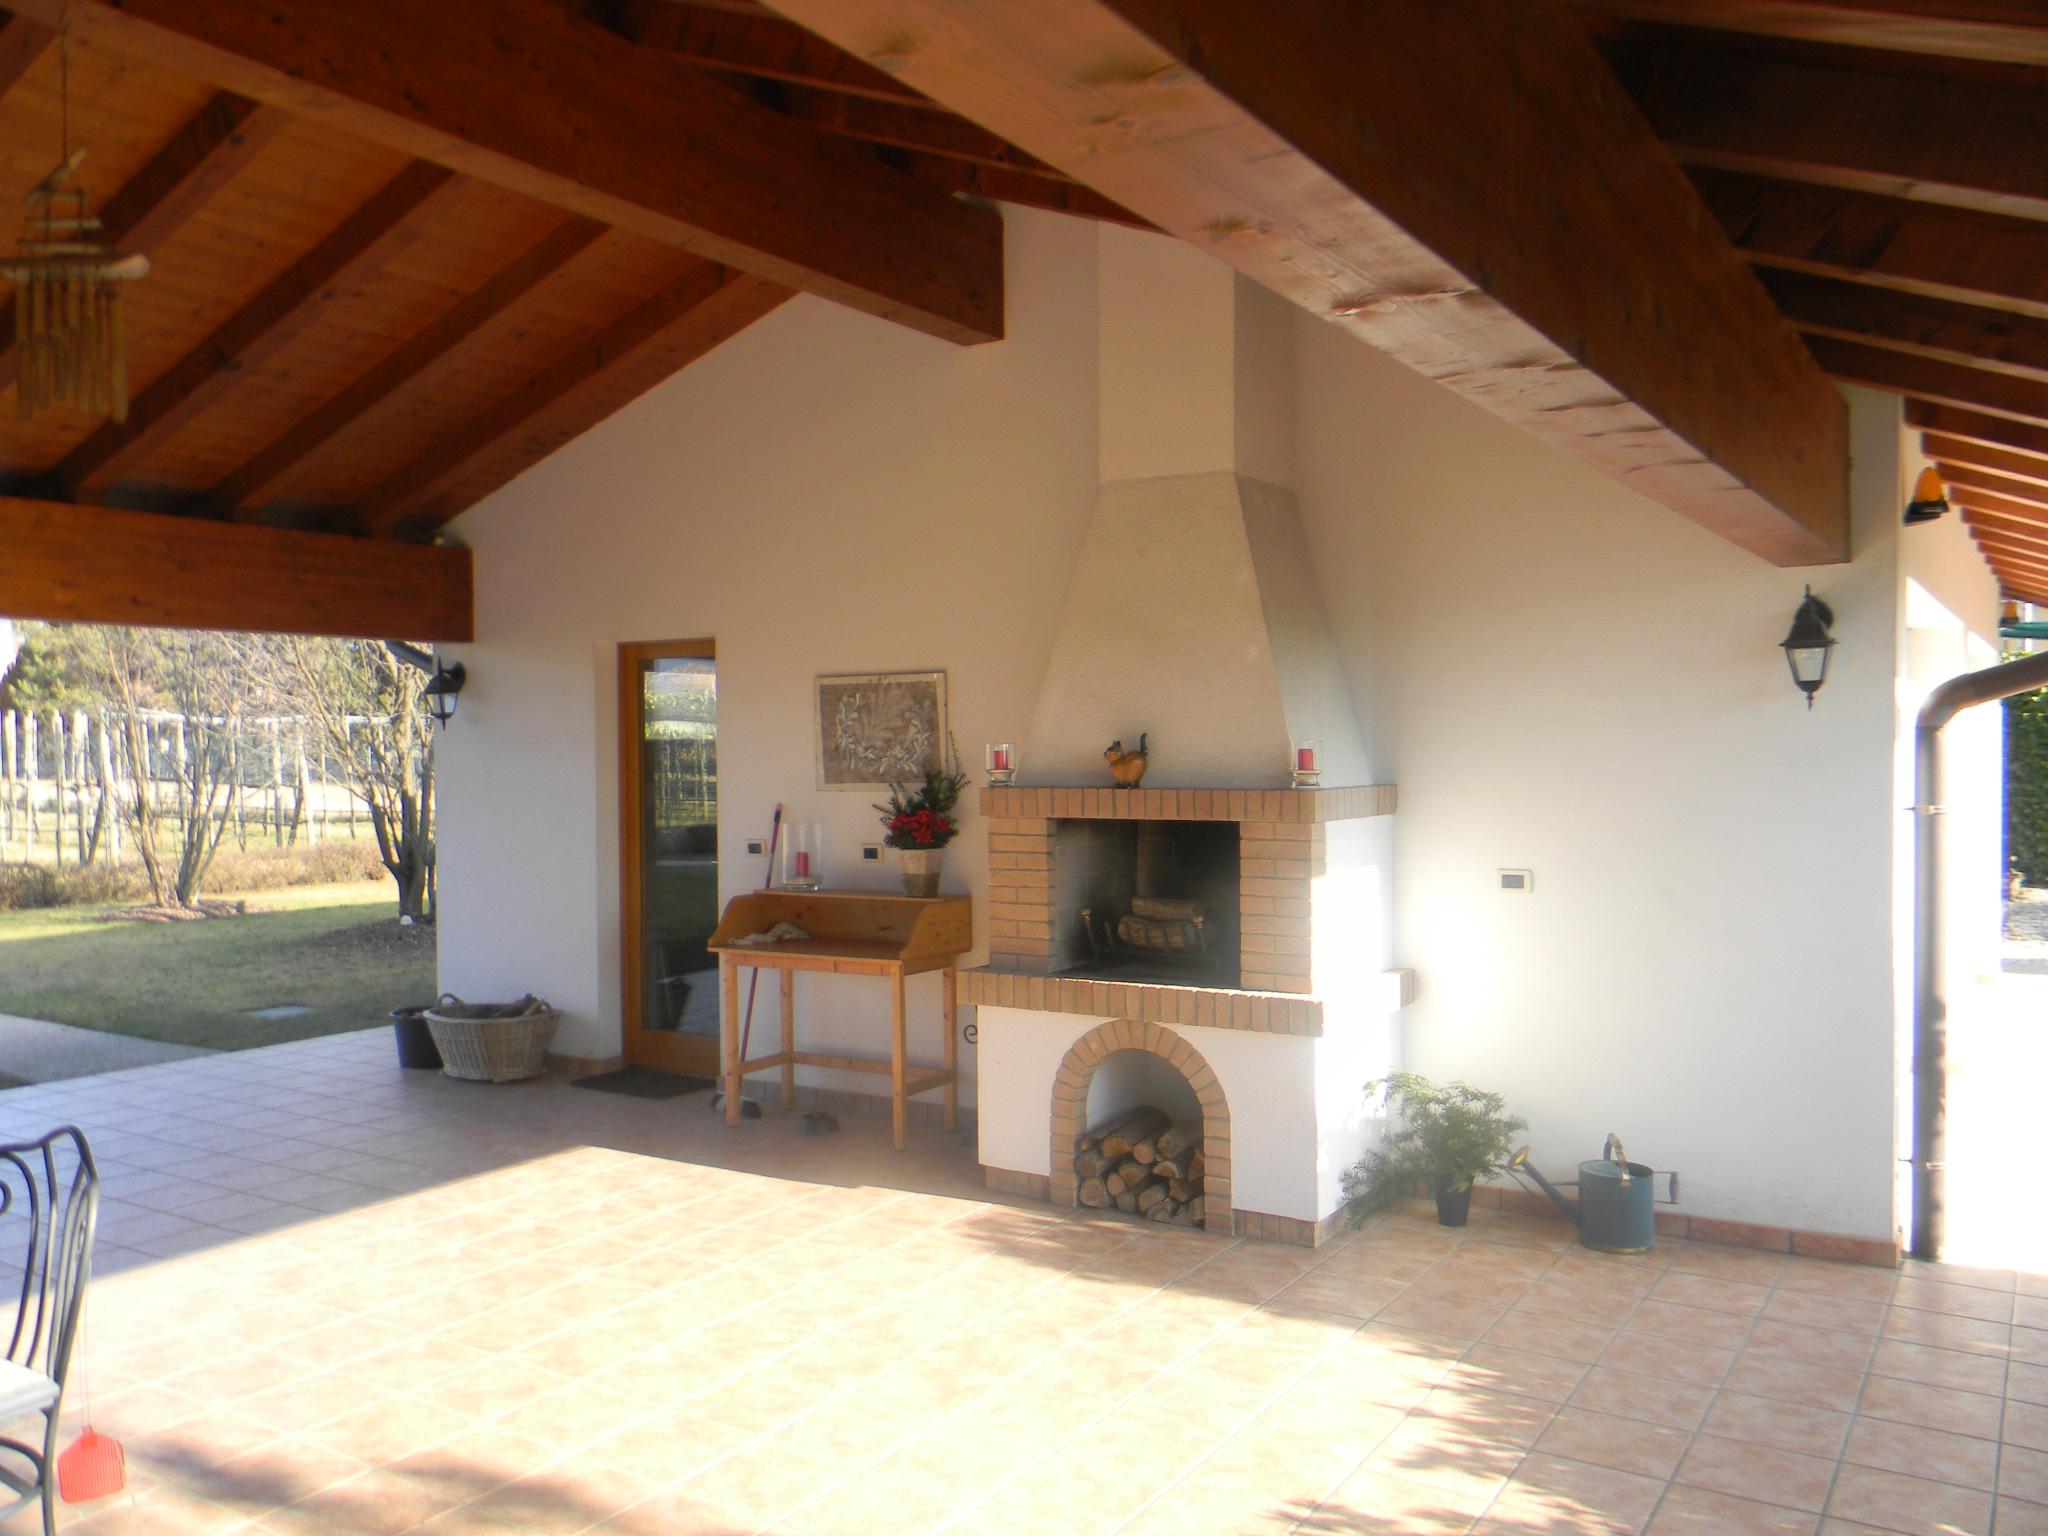 Casa Con Giardino Bovezzo : Casa singola con giardino arba